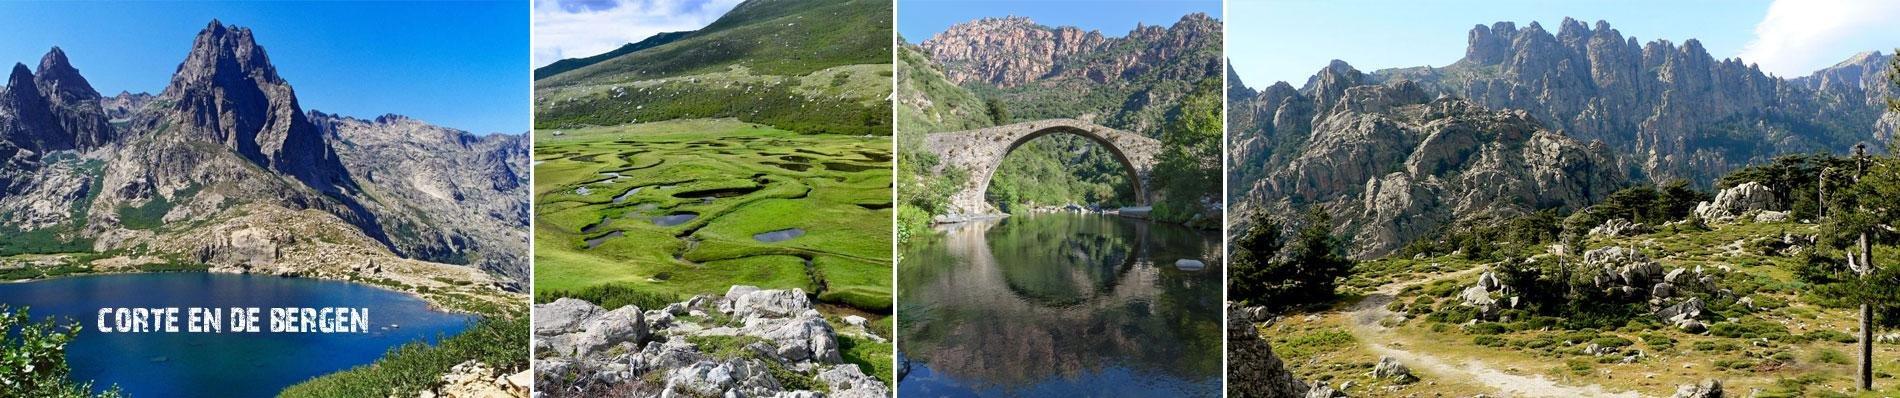 corte bergen vakantie corsica rondreis